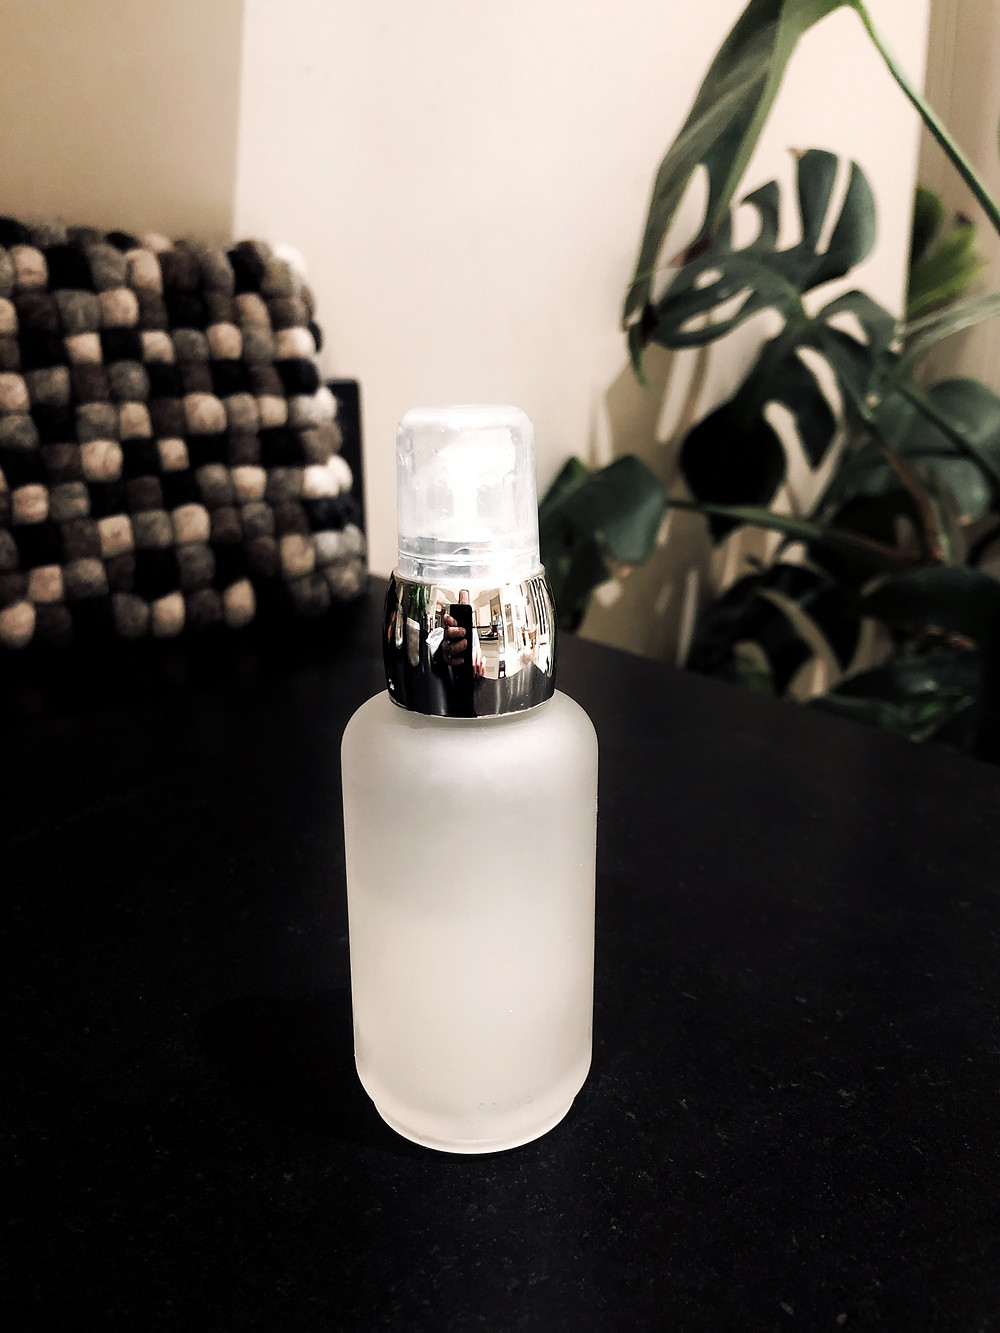 ecofriendly hand sanitizer, natural hand sanitizer, chemical free hand sanitizer, diy hand sanitizer, antiviral natural hand sanitizer